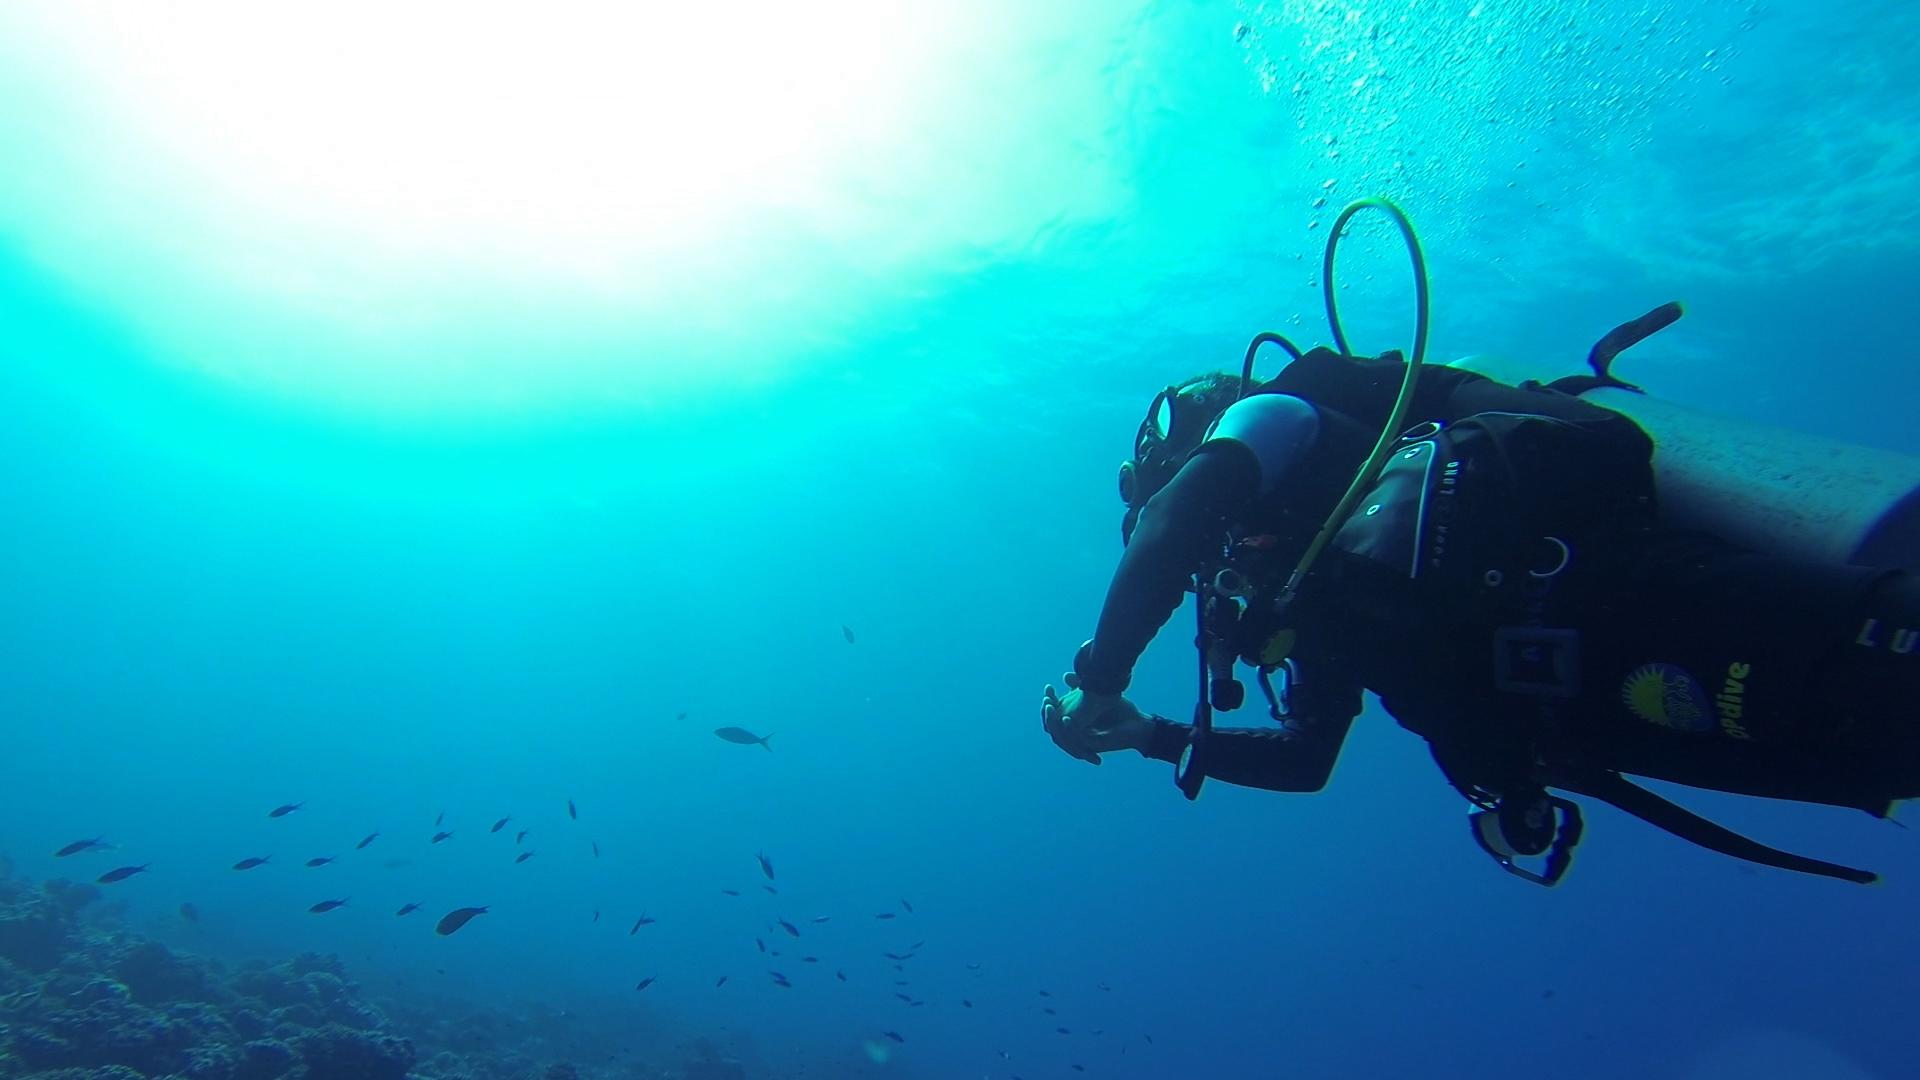 タヒチ ランギロア島 プロモーション動画 観光 ダイビング